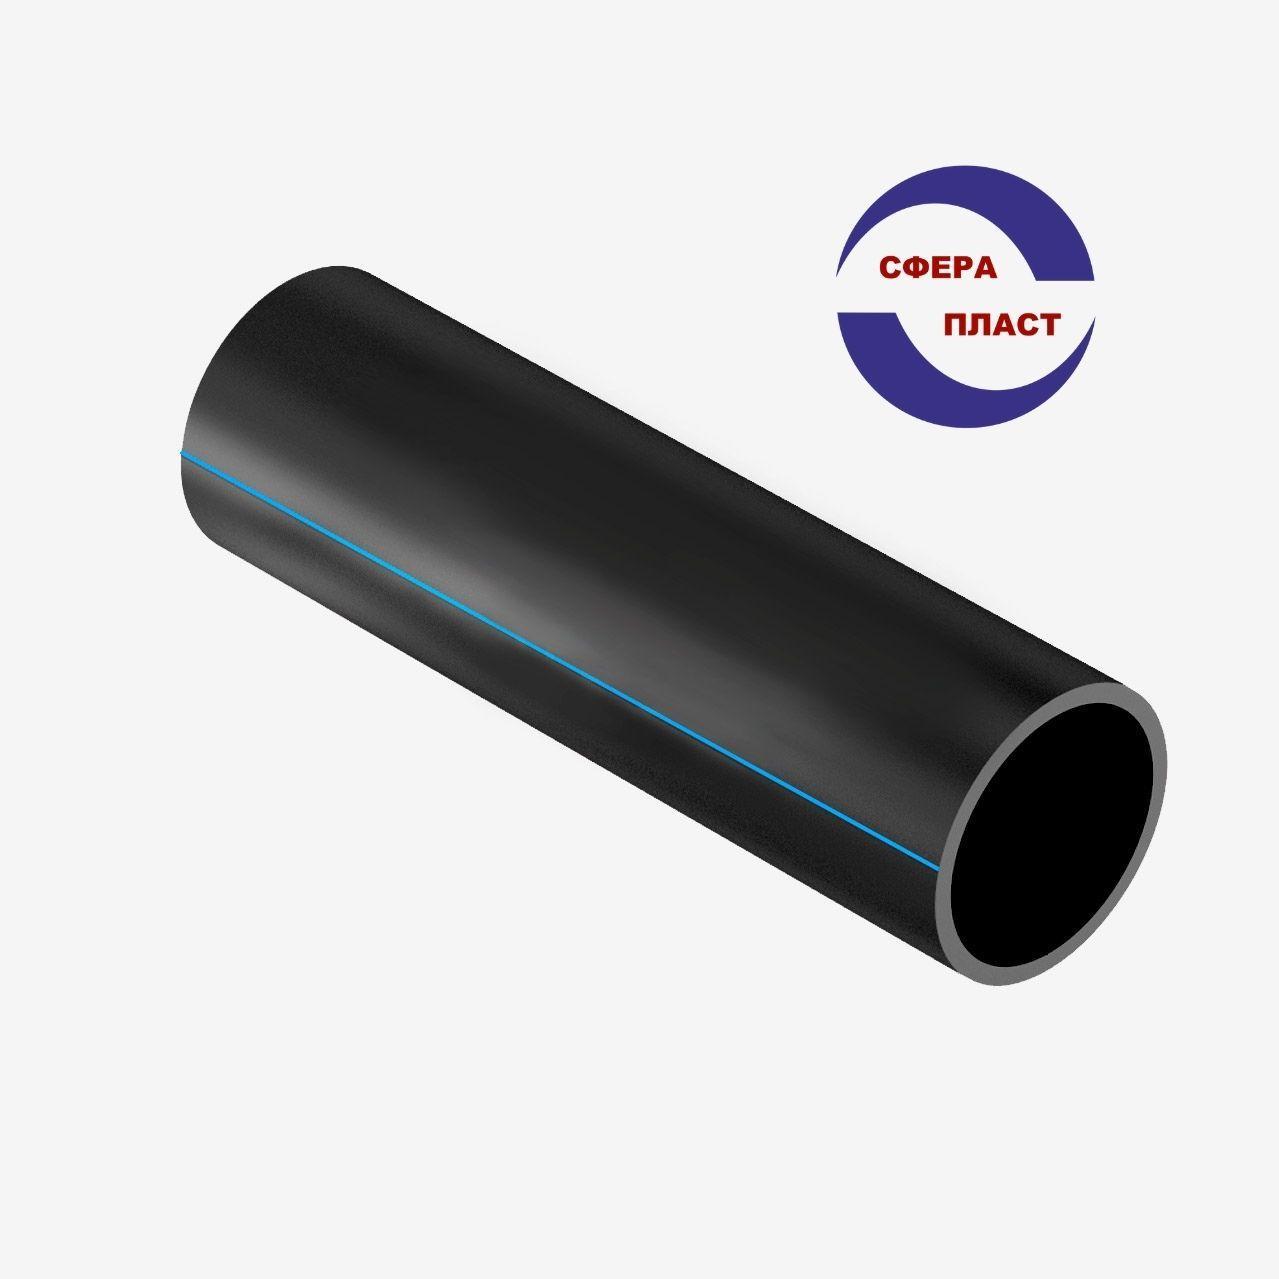 Труба Ду-500x29,7 SDR17 (10 атм) полиэтиленовая ПЭ-100